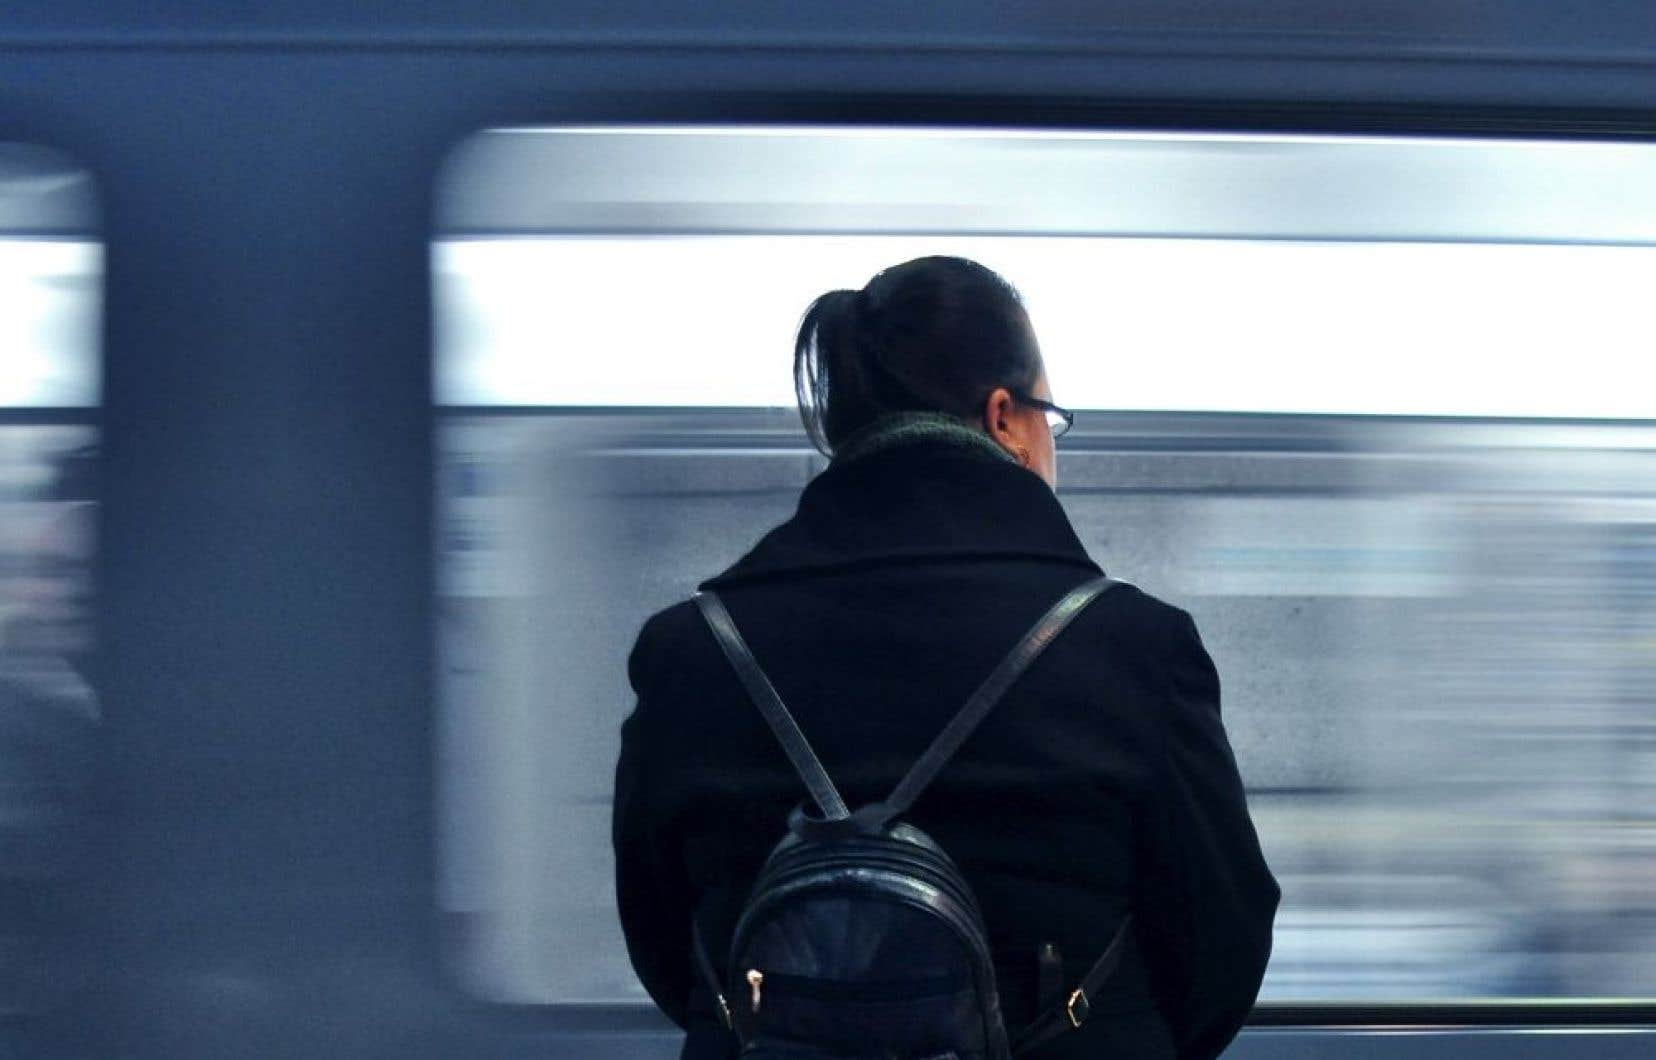 Québec estime que ce nouveau segment de la ligne bleue sera utilisé par environ 84 000 personnes quotidiennement et qu'il permettra des économies annuelles de 52 millions $ «grâce à des gains de temps».